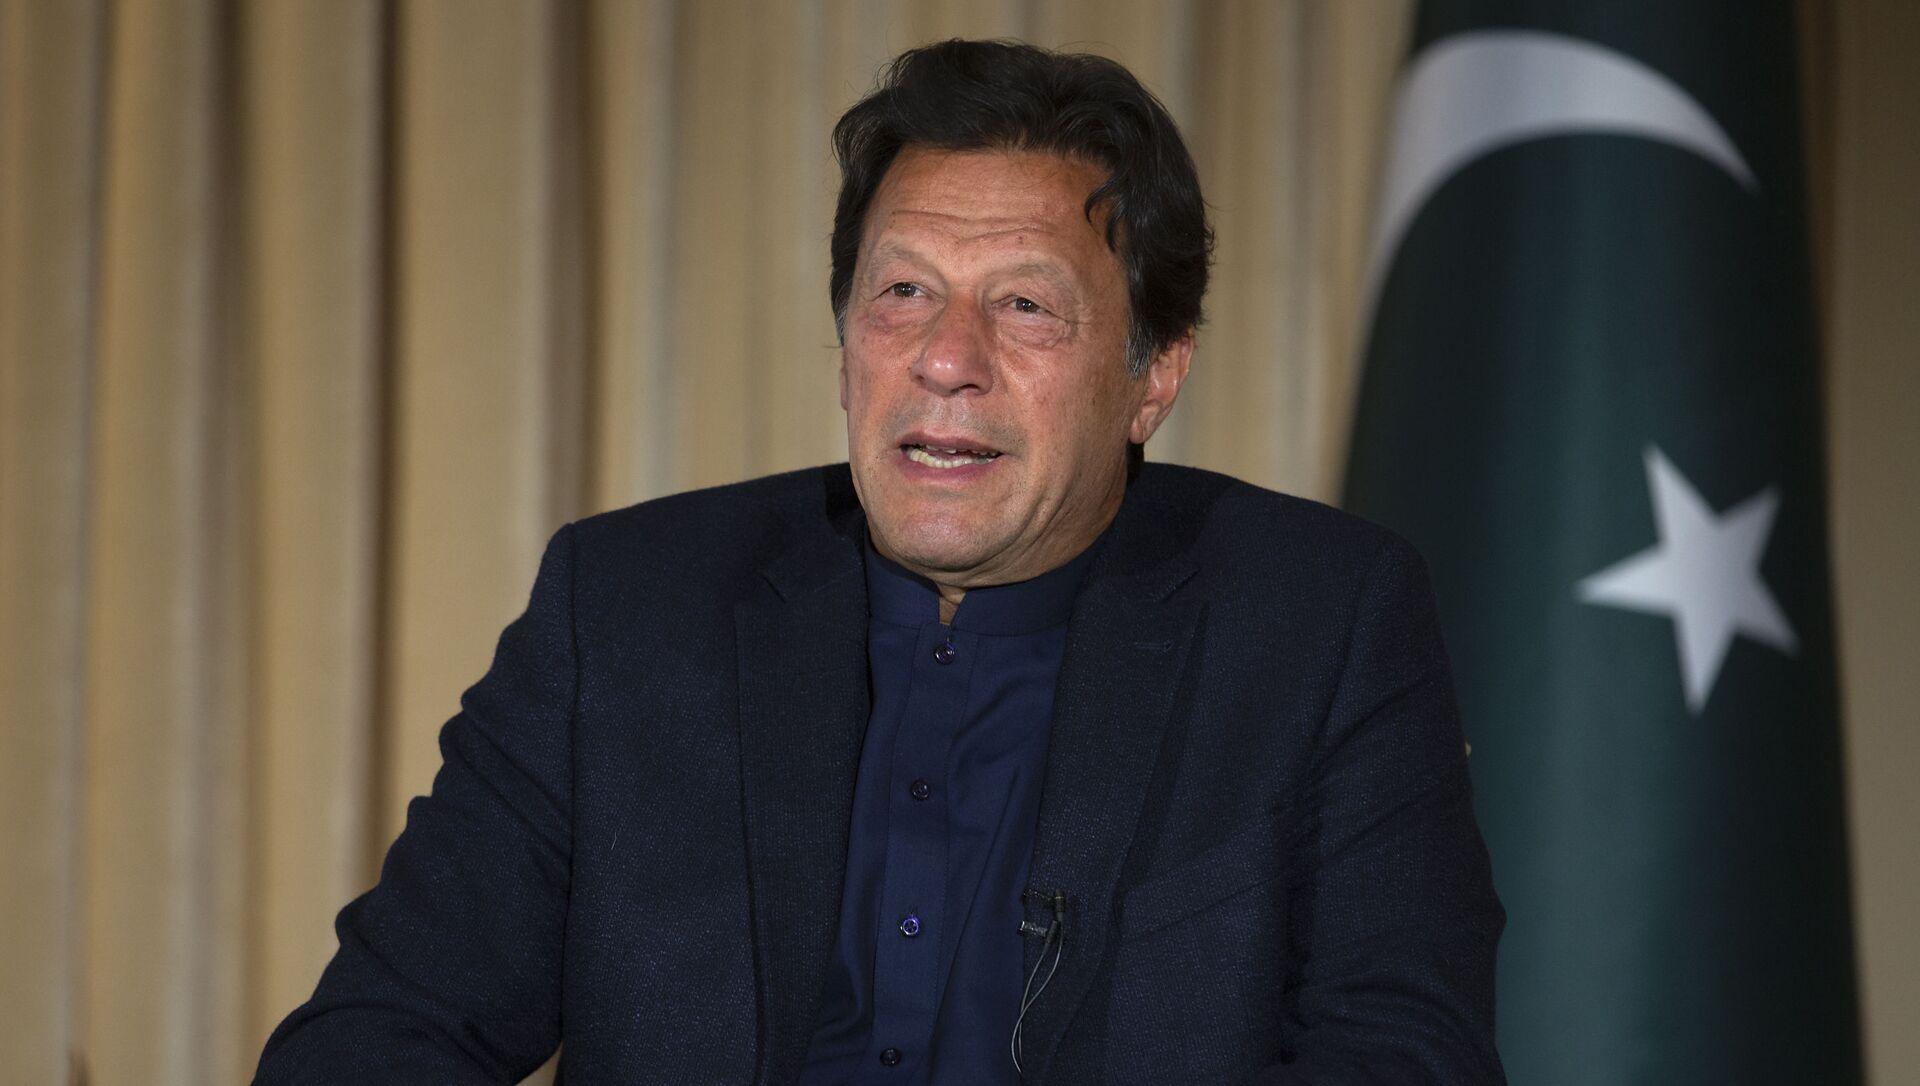 Le Premier ministre pakistanais Imran Khan - Sputnik France, 1920, 03.09.2021